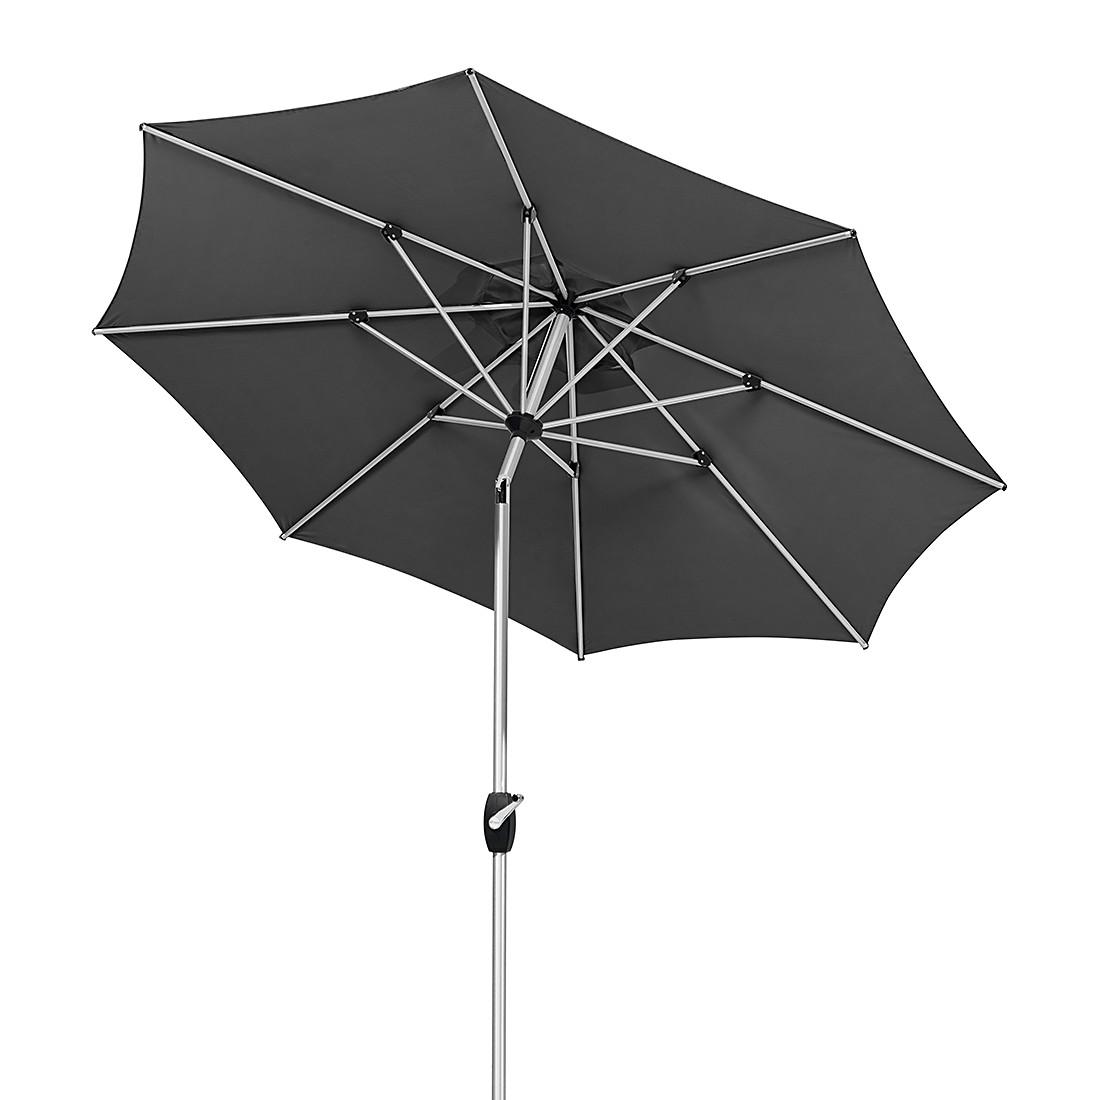 Venedig 270 Sonnenschirm - Aluminium/Polyester - Silber/Grau, Schneider Schirme